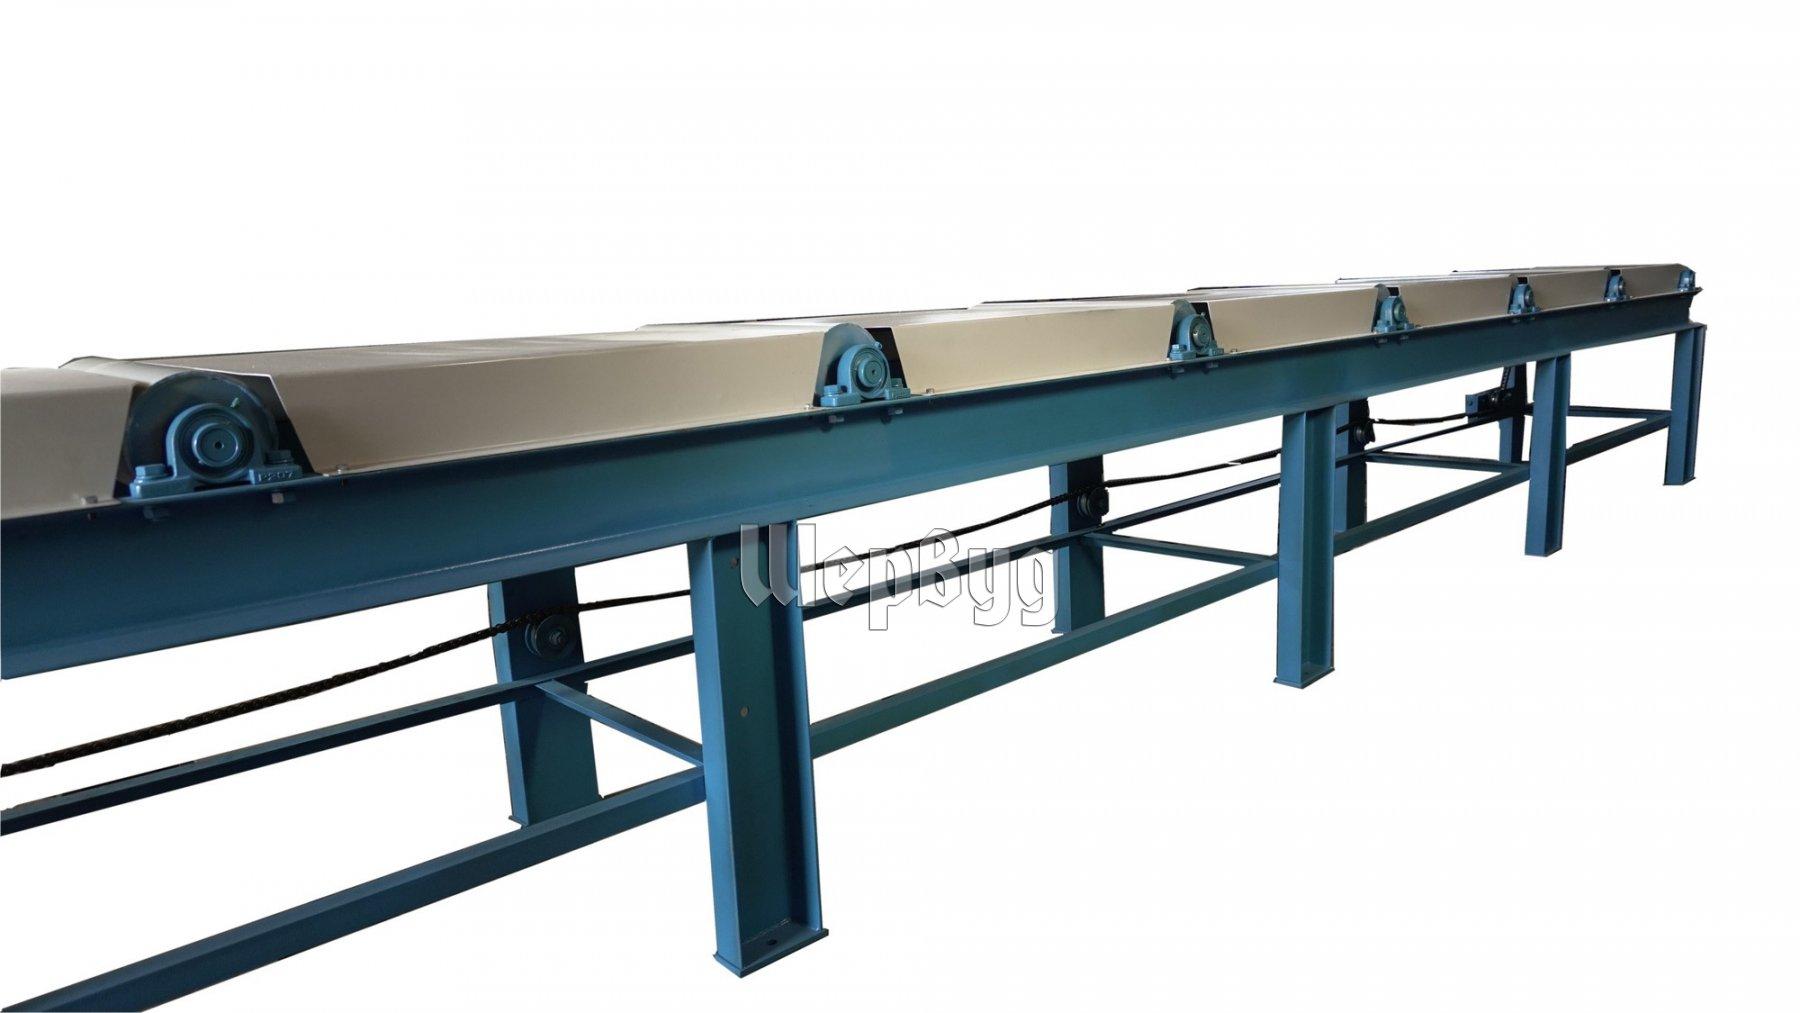 Приводные рольганги для металлообработки элеватор или хпп